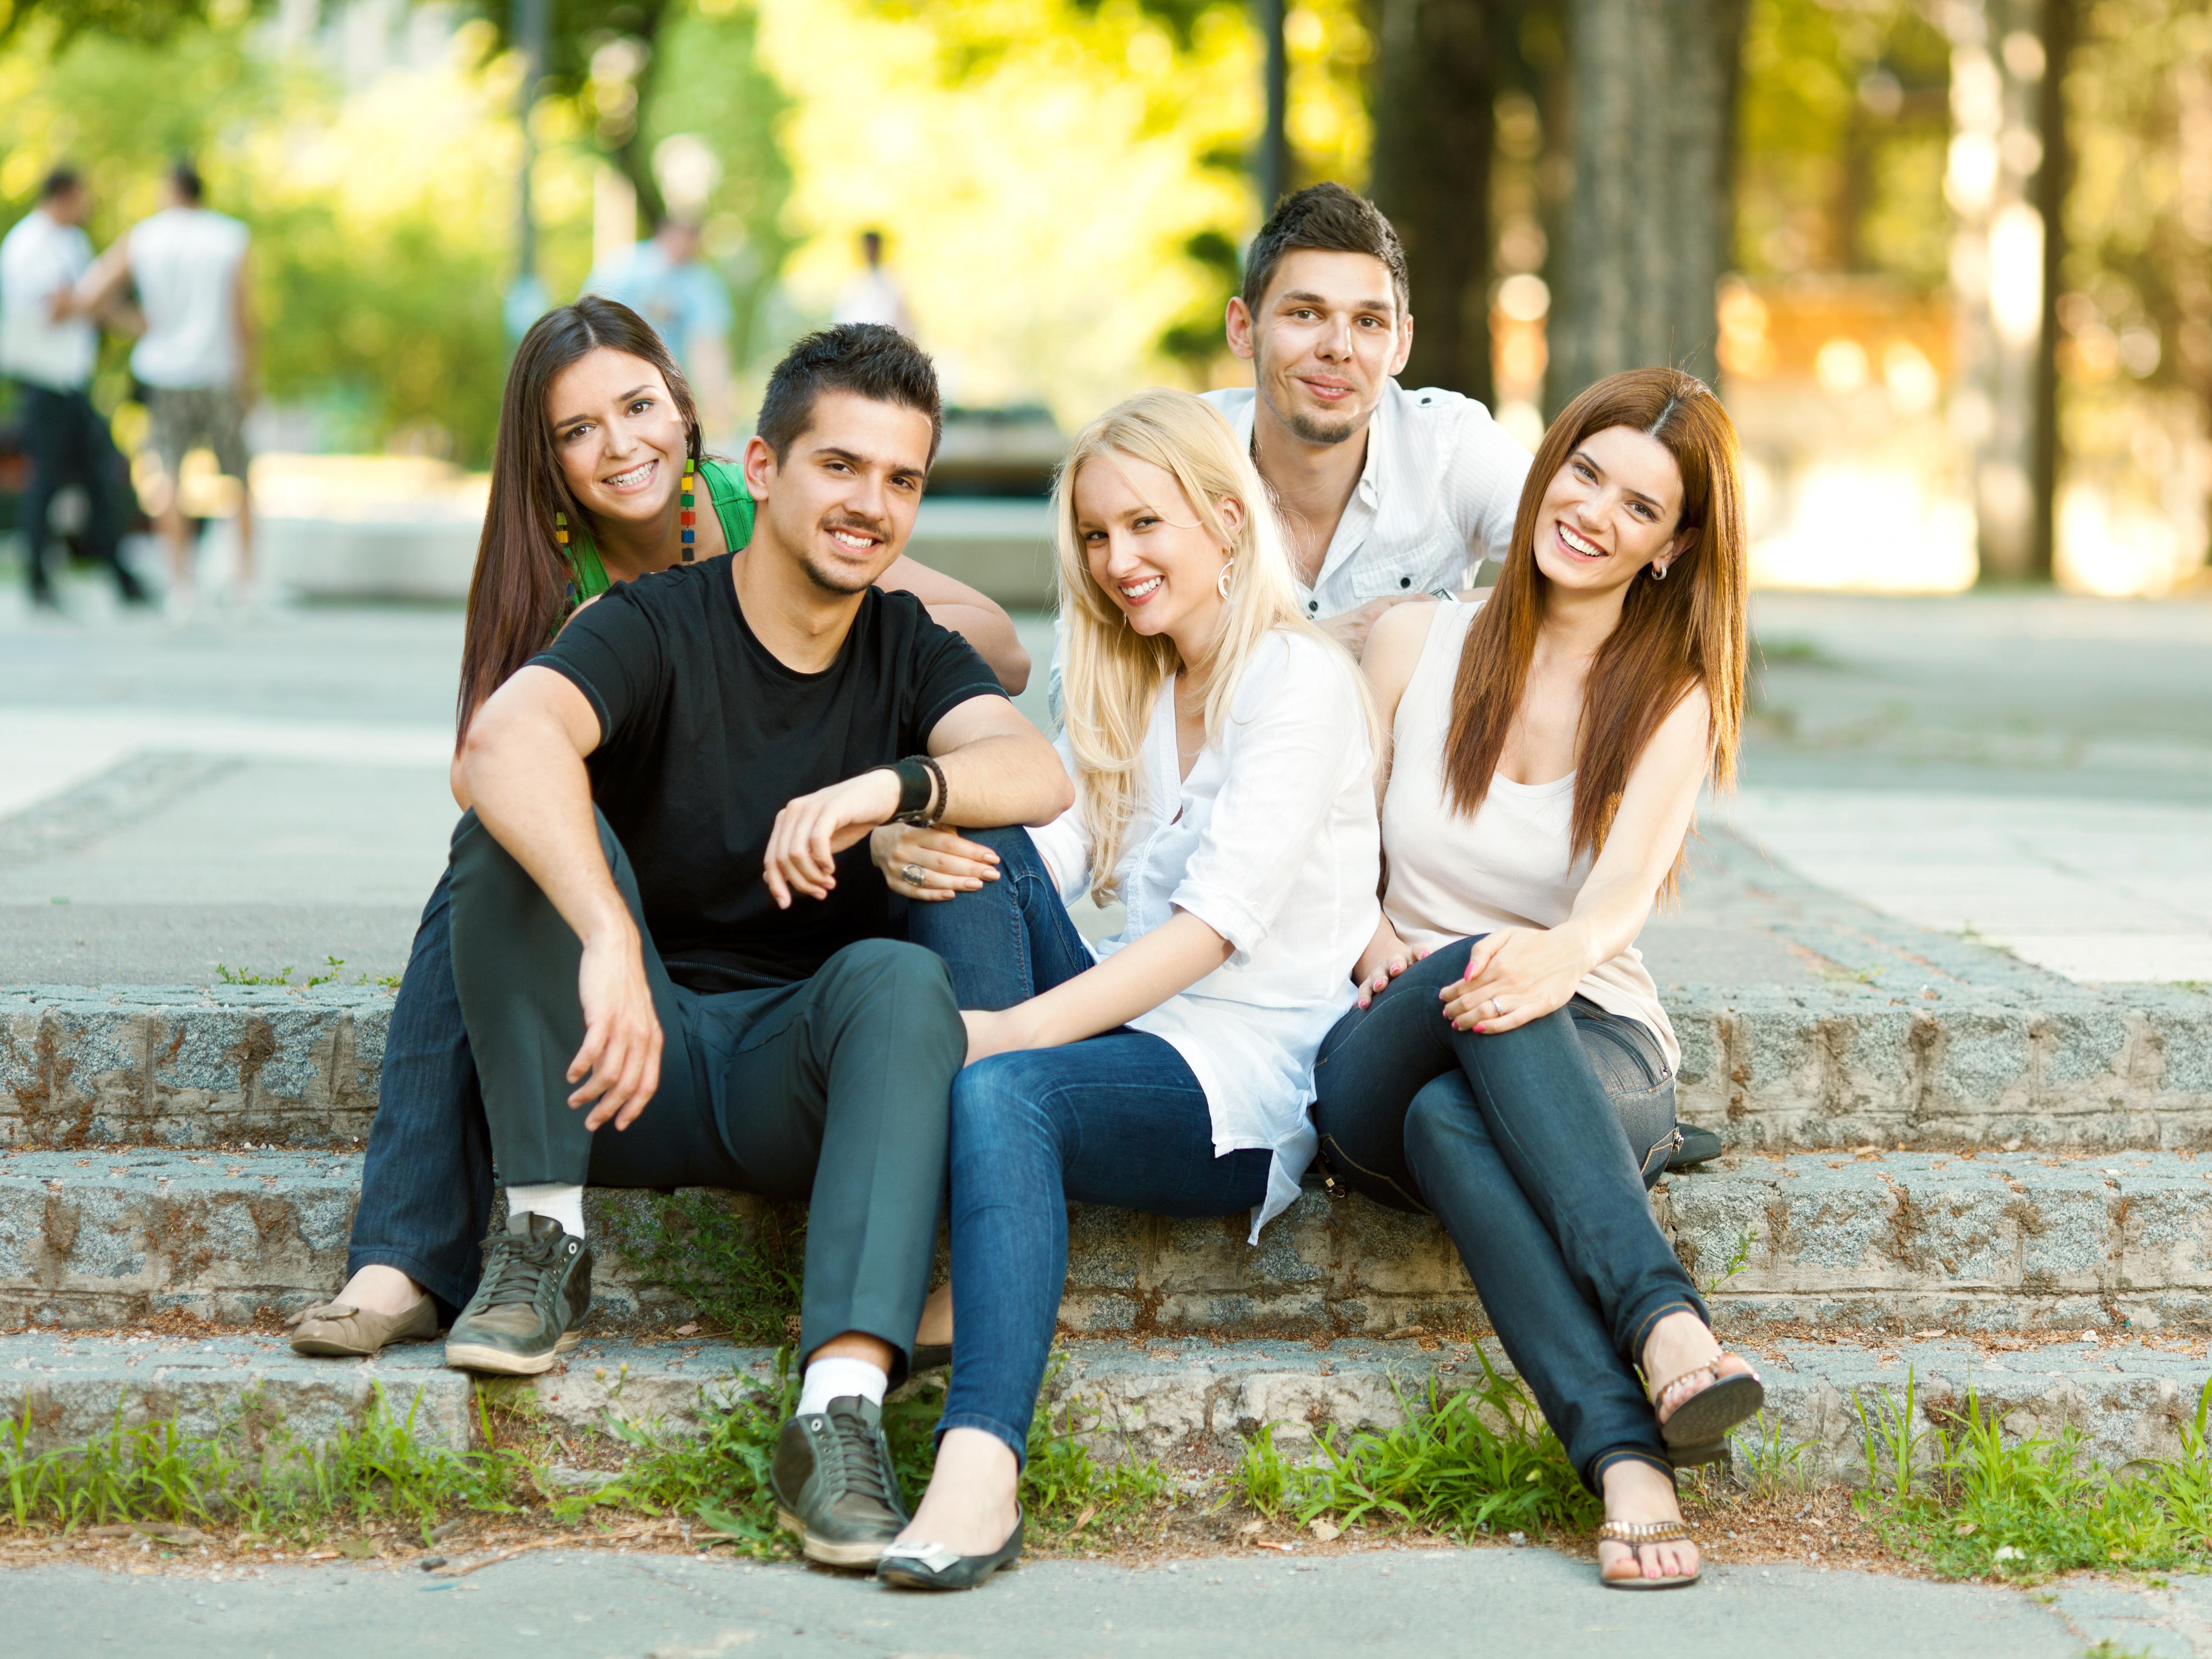 Студенты, которые могут получить ВНЖ Португалии по учебе